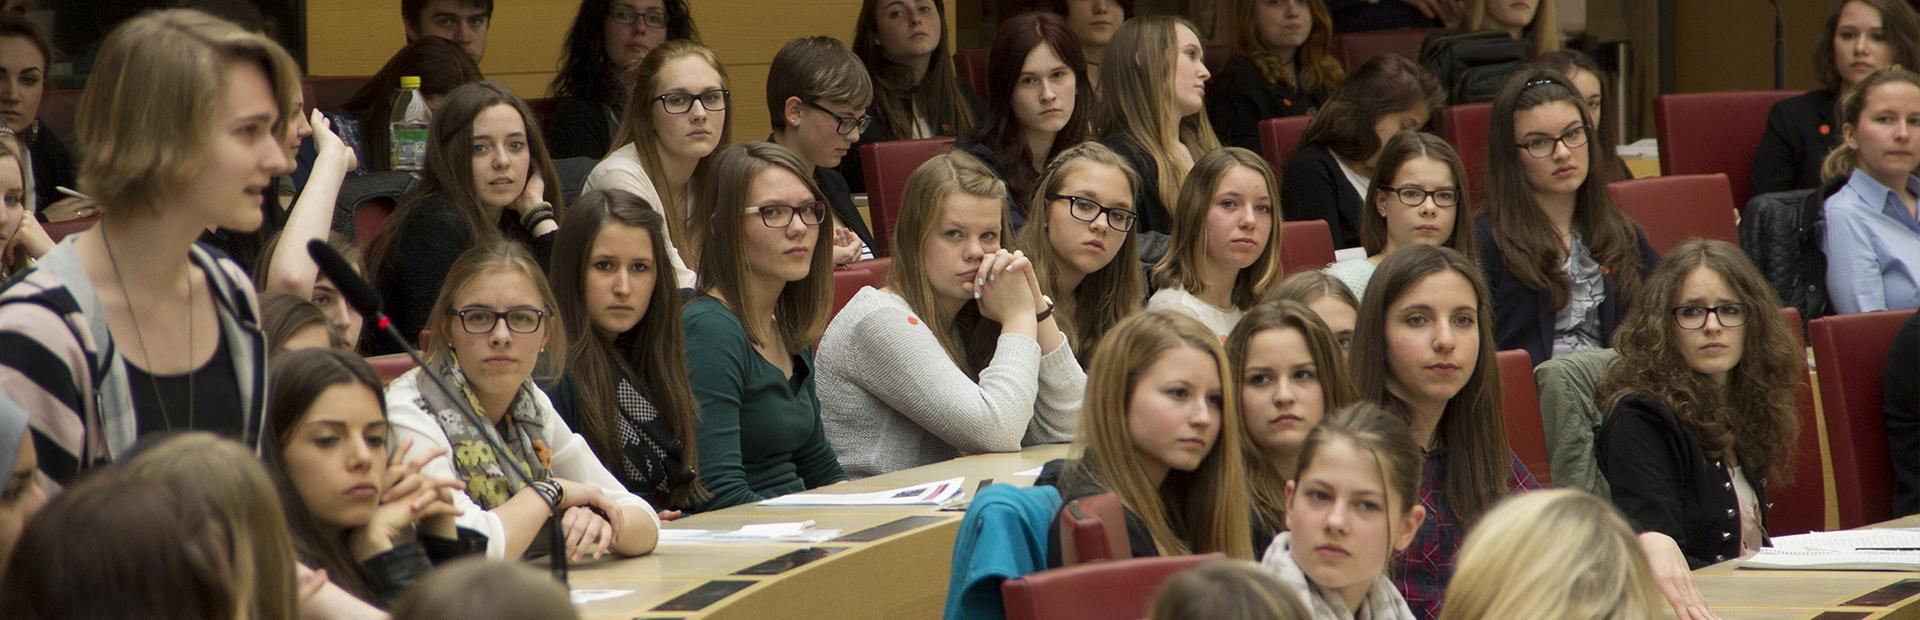 150 Mädchen im Plenarsaal des Bayerischen Landtags